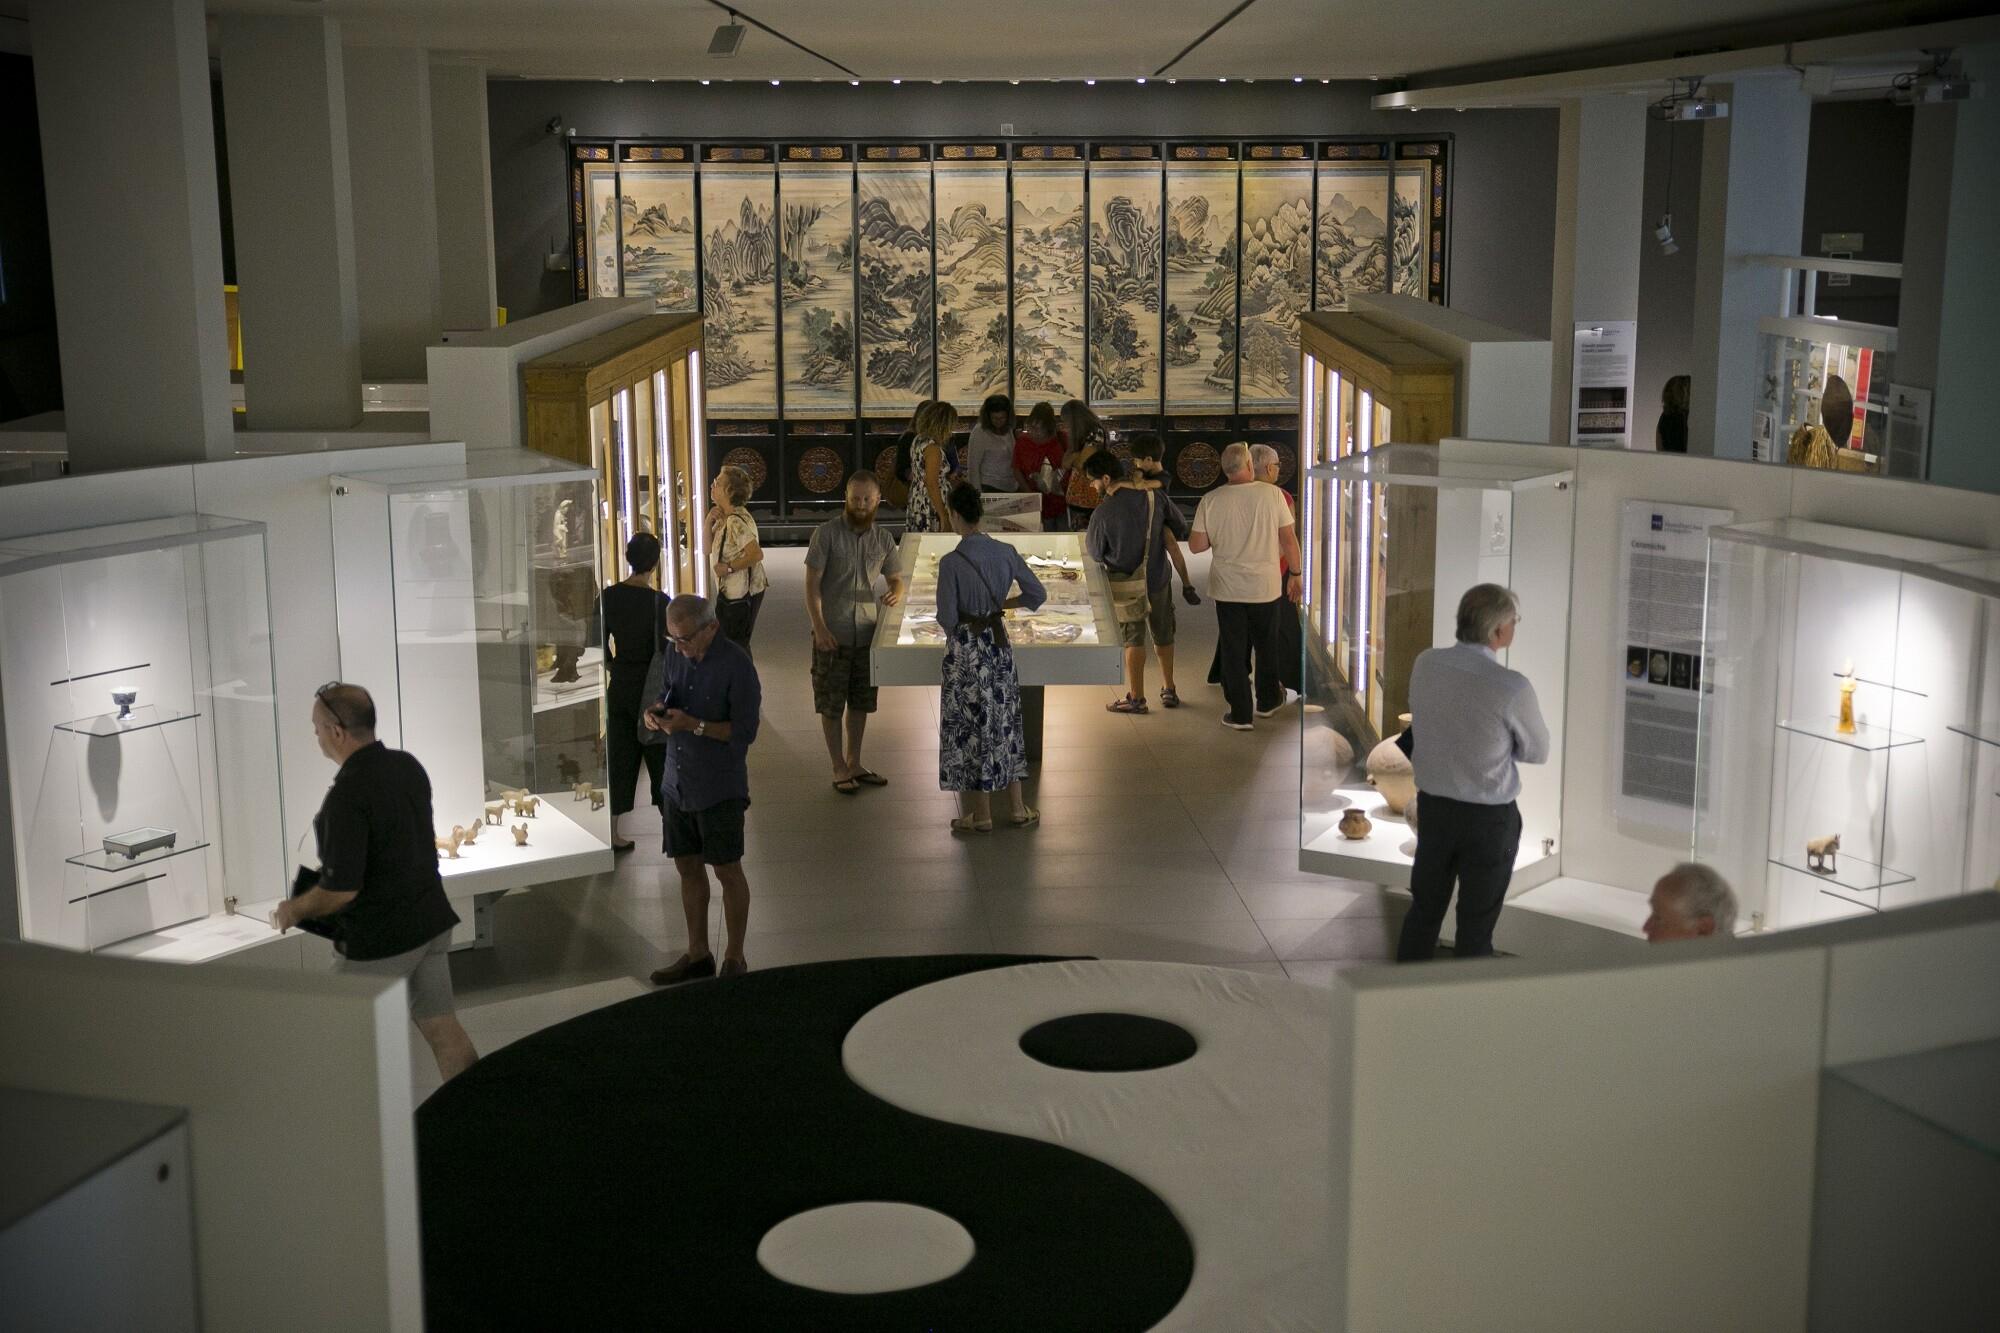 Riapertura Museo Cinese: orari dal 3 all'8 marzo